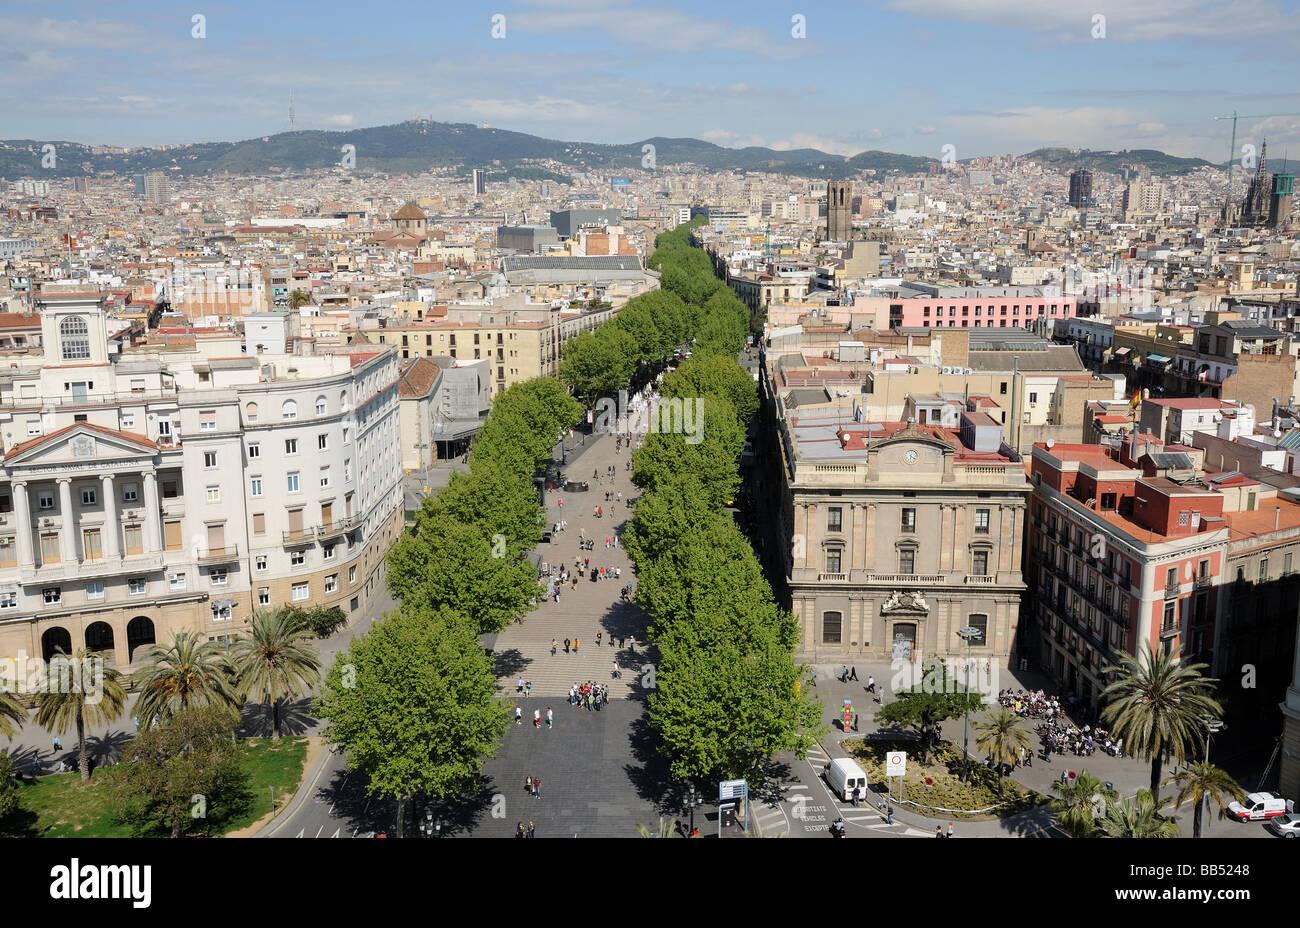 Vista aerea su La Rambla di Barcellona, Spagna Immagini Stock